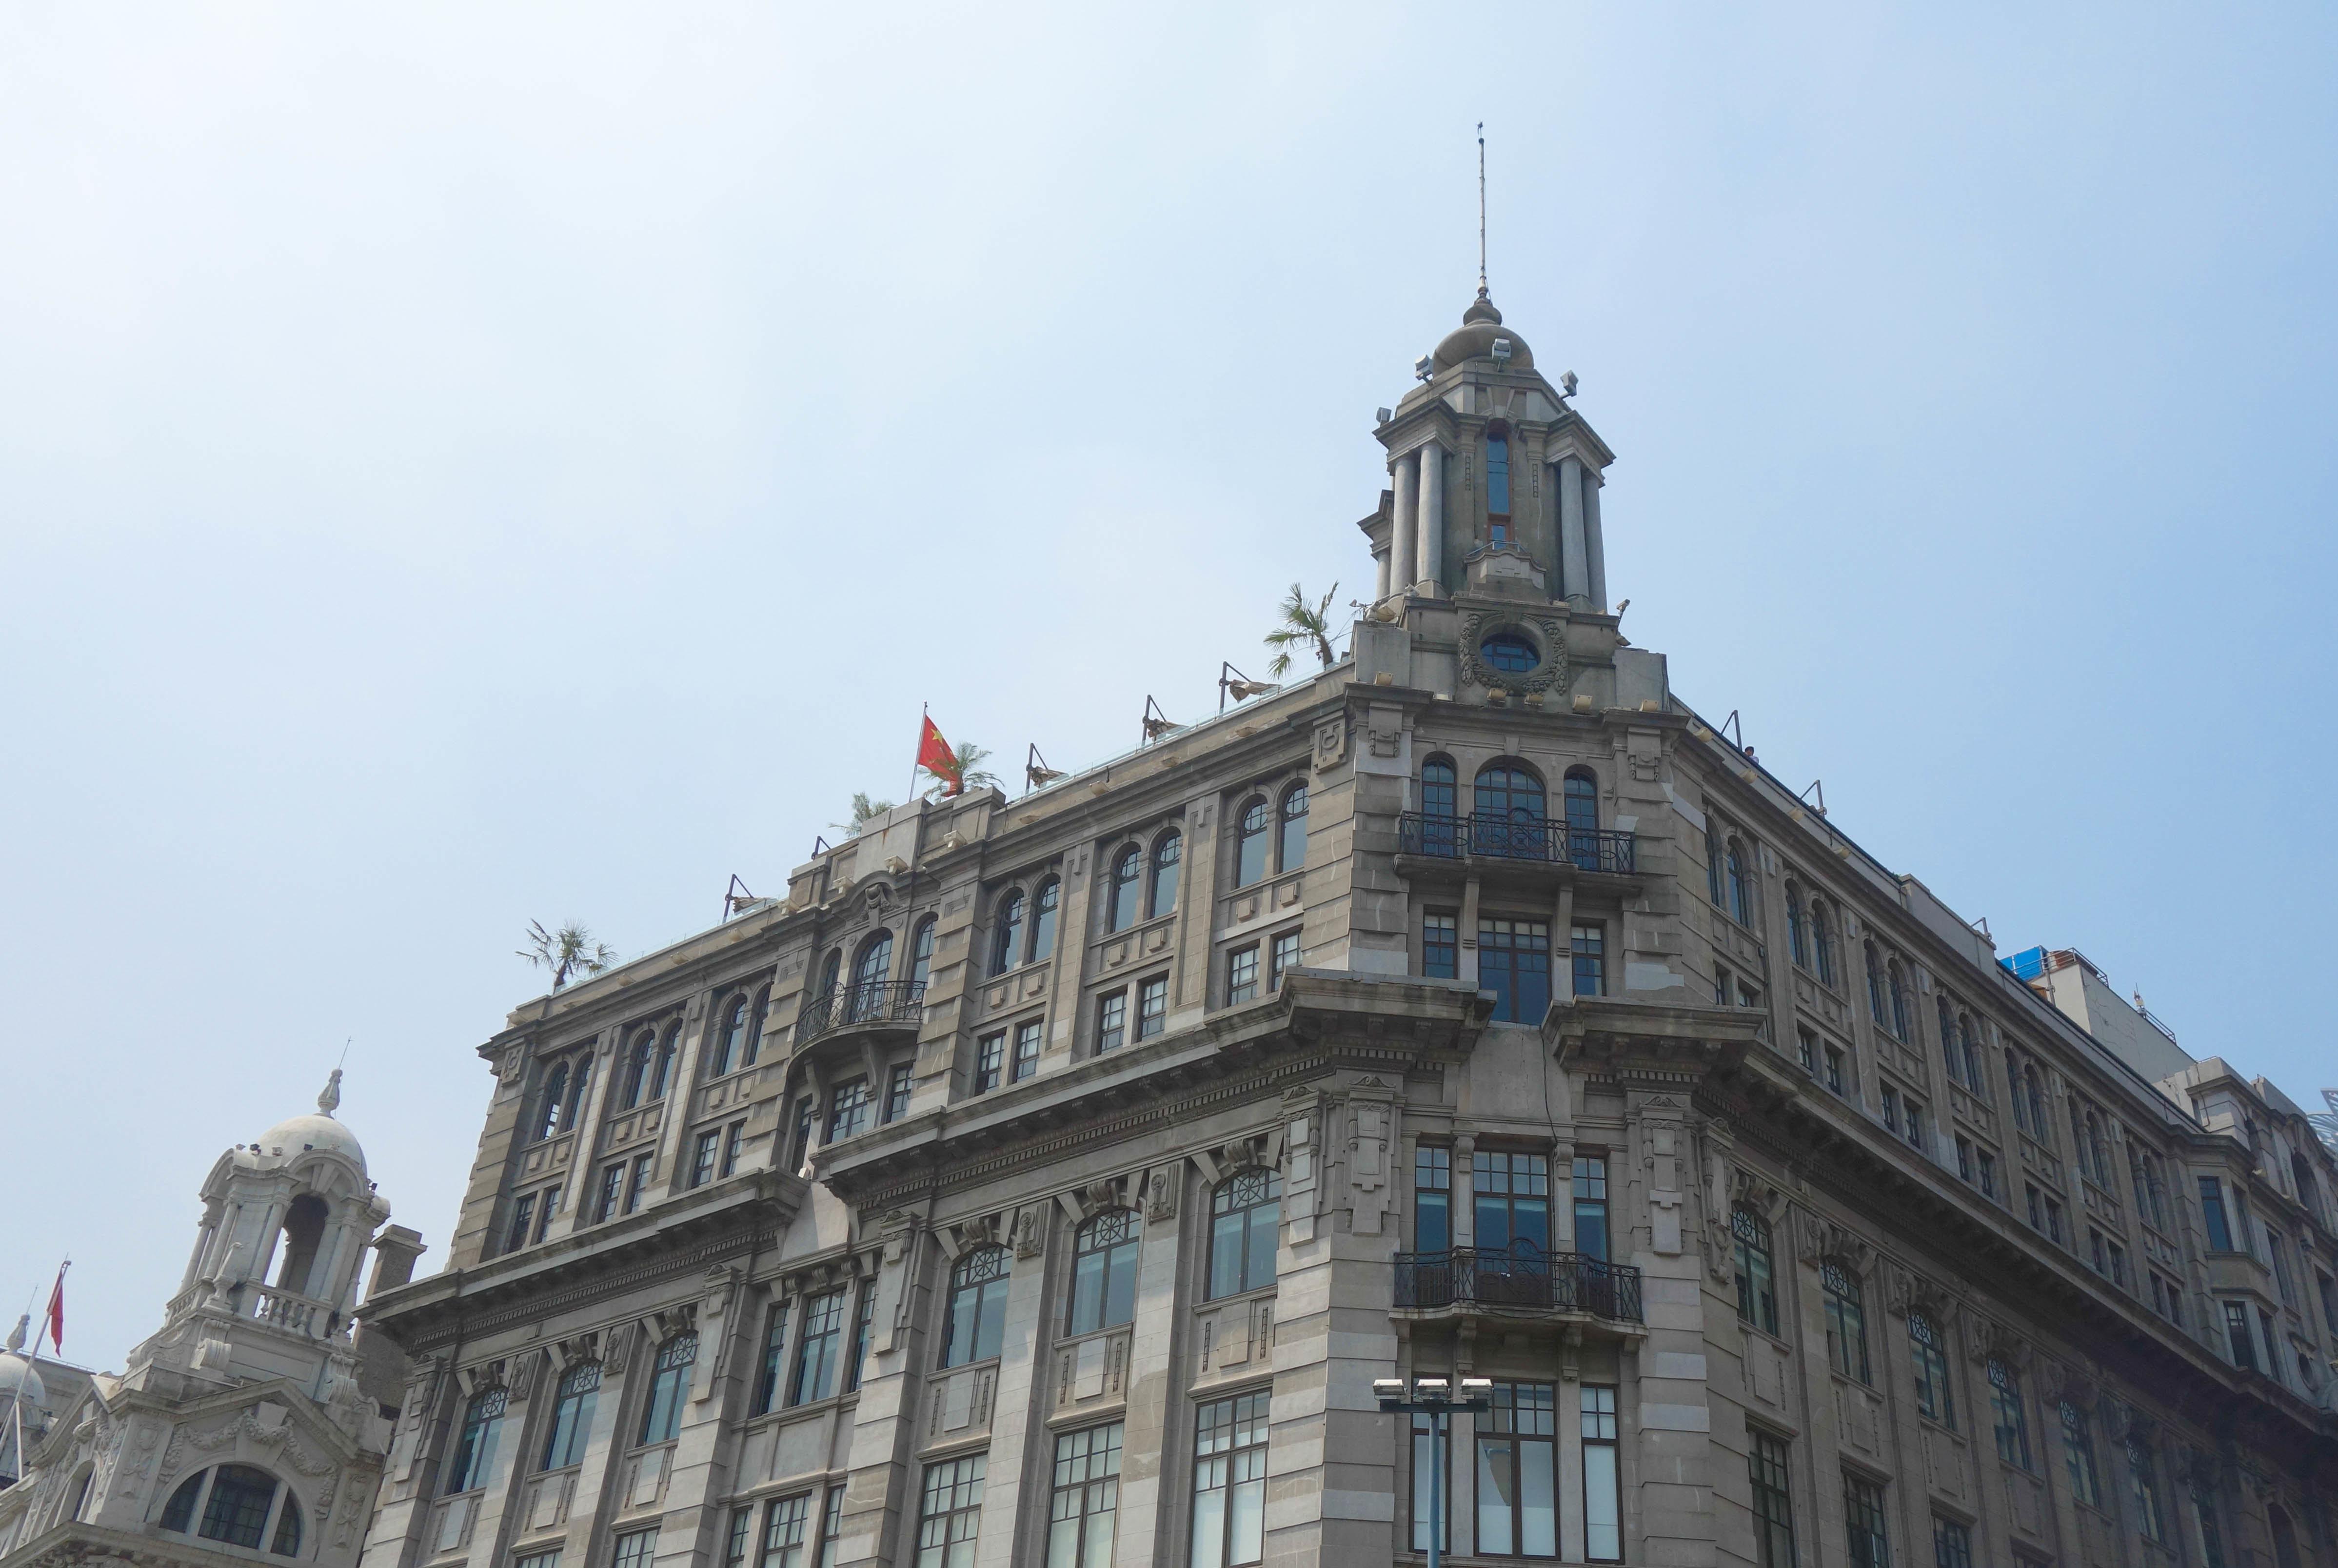 【携程攻略】上海外滩万国建筑博览群好玩吗,上海外滩